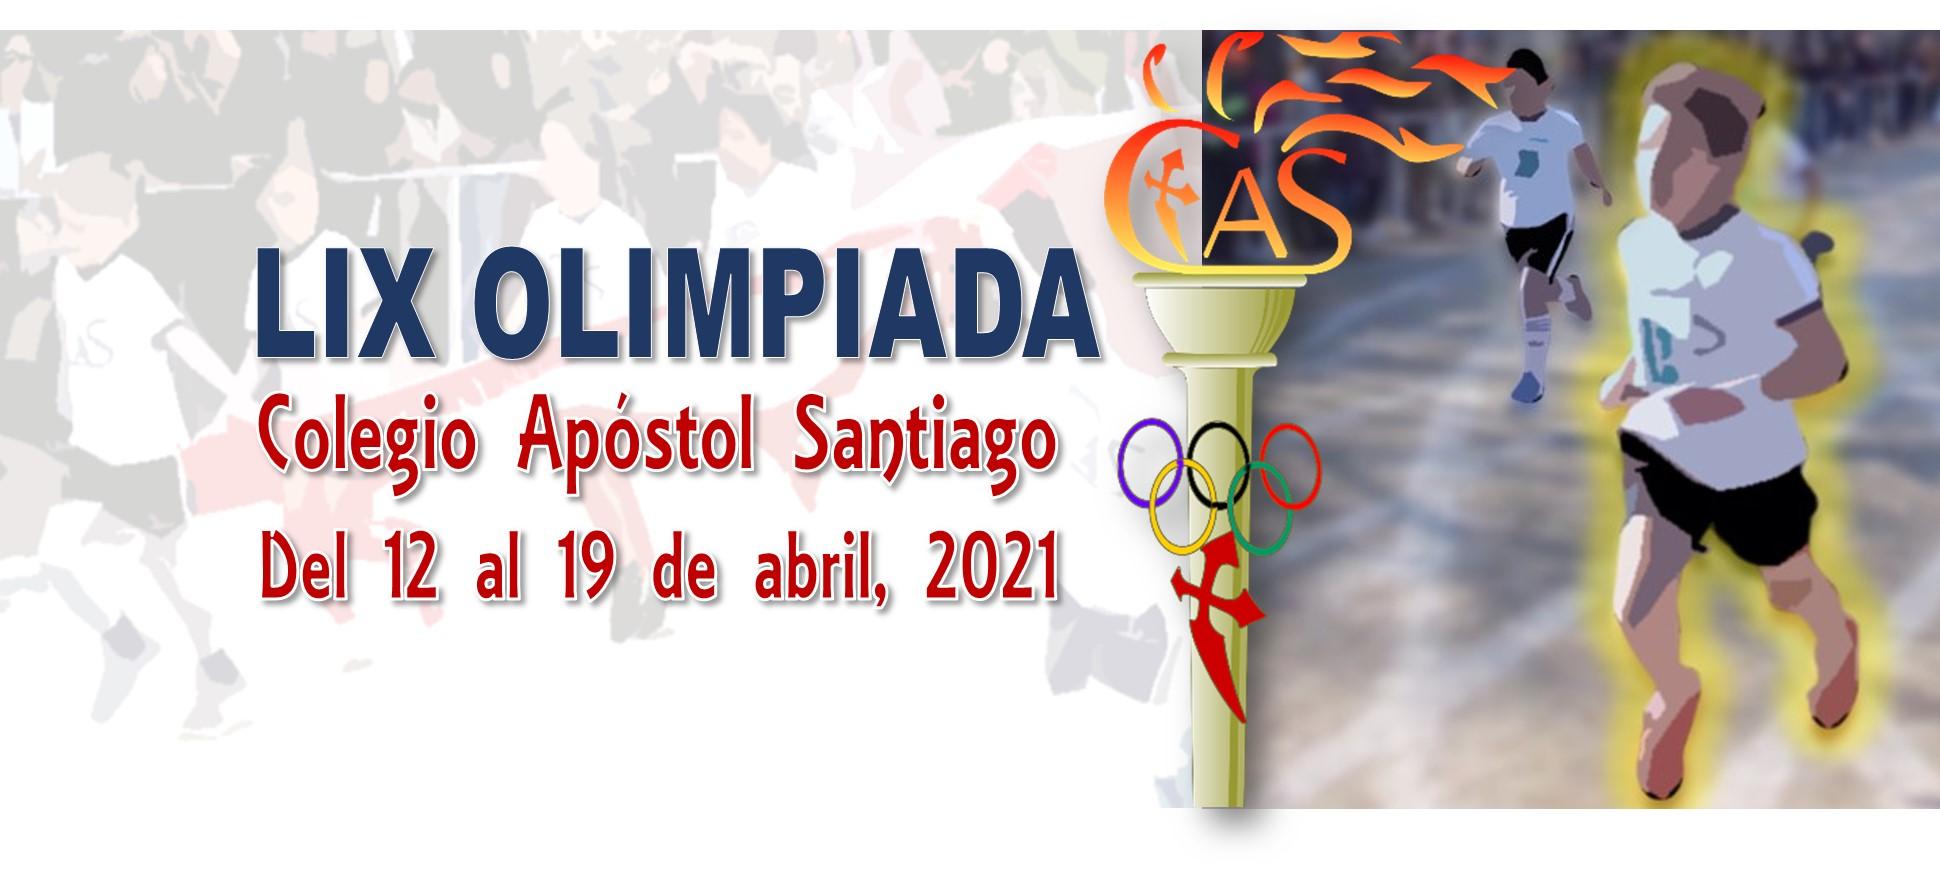 LIX Olimpiada del Colegio Apóstol Santiago